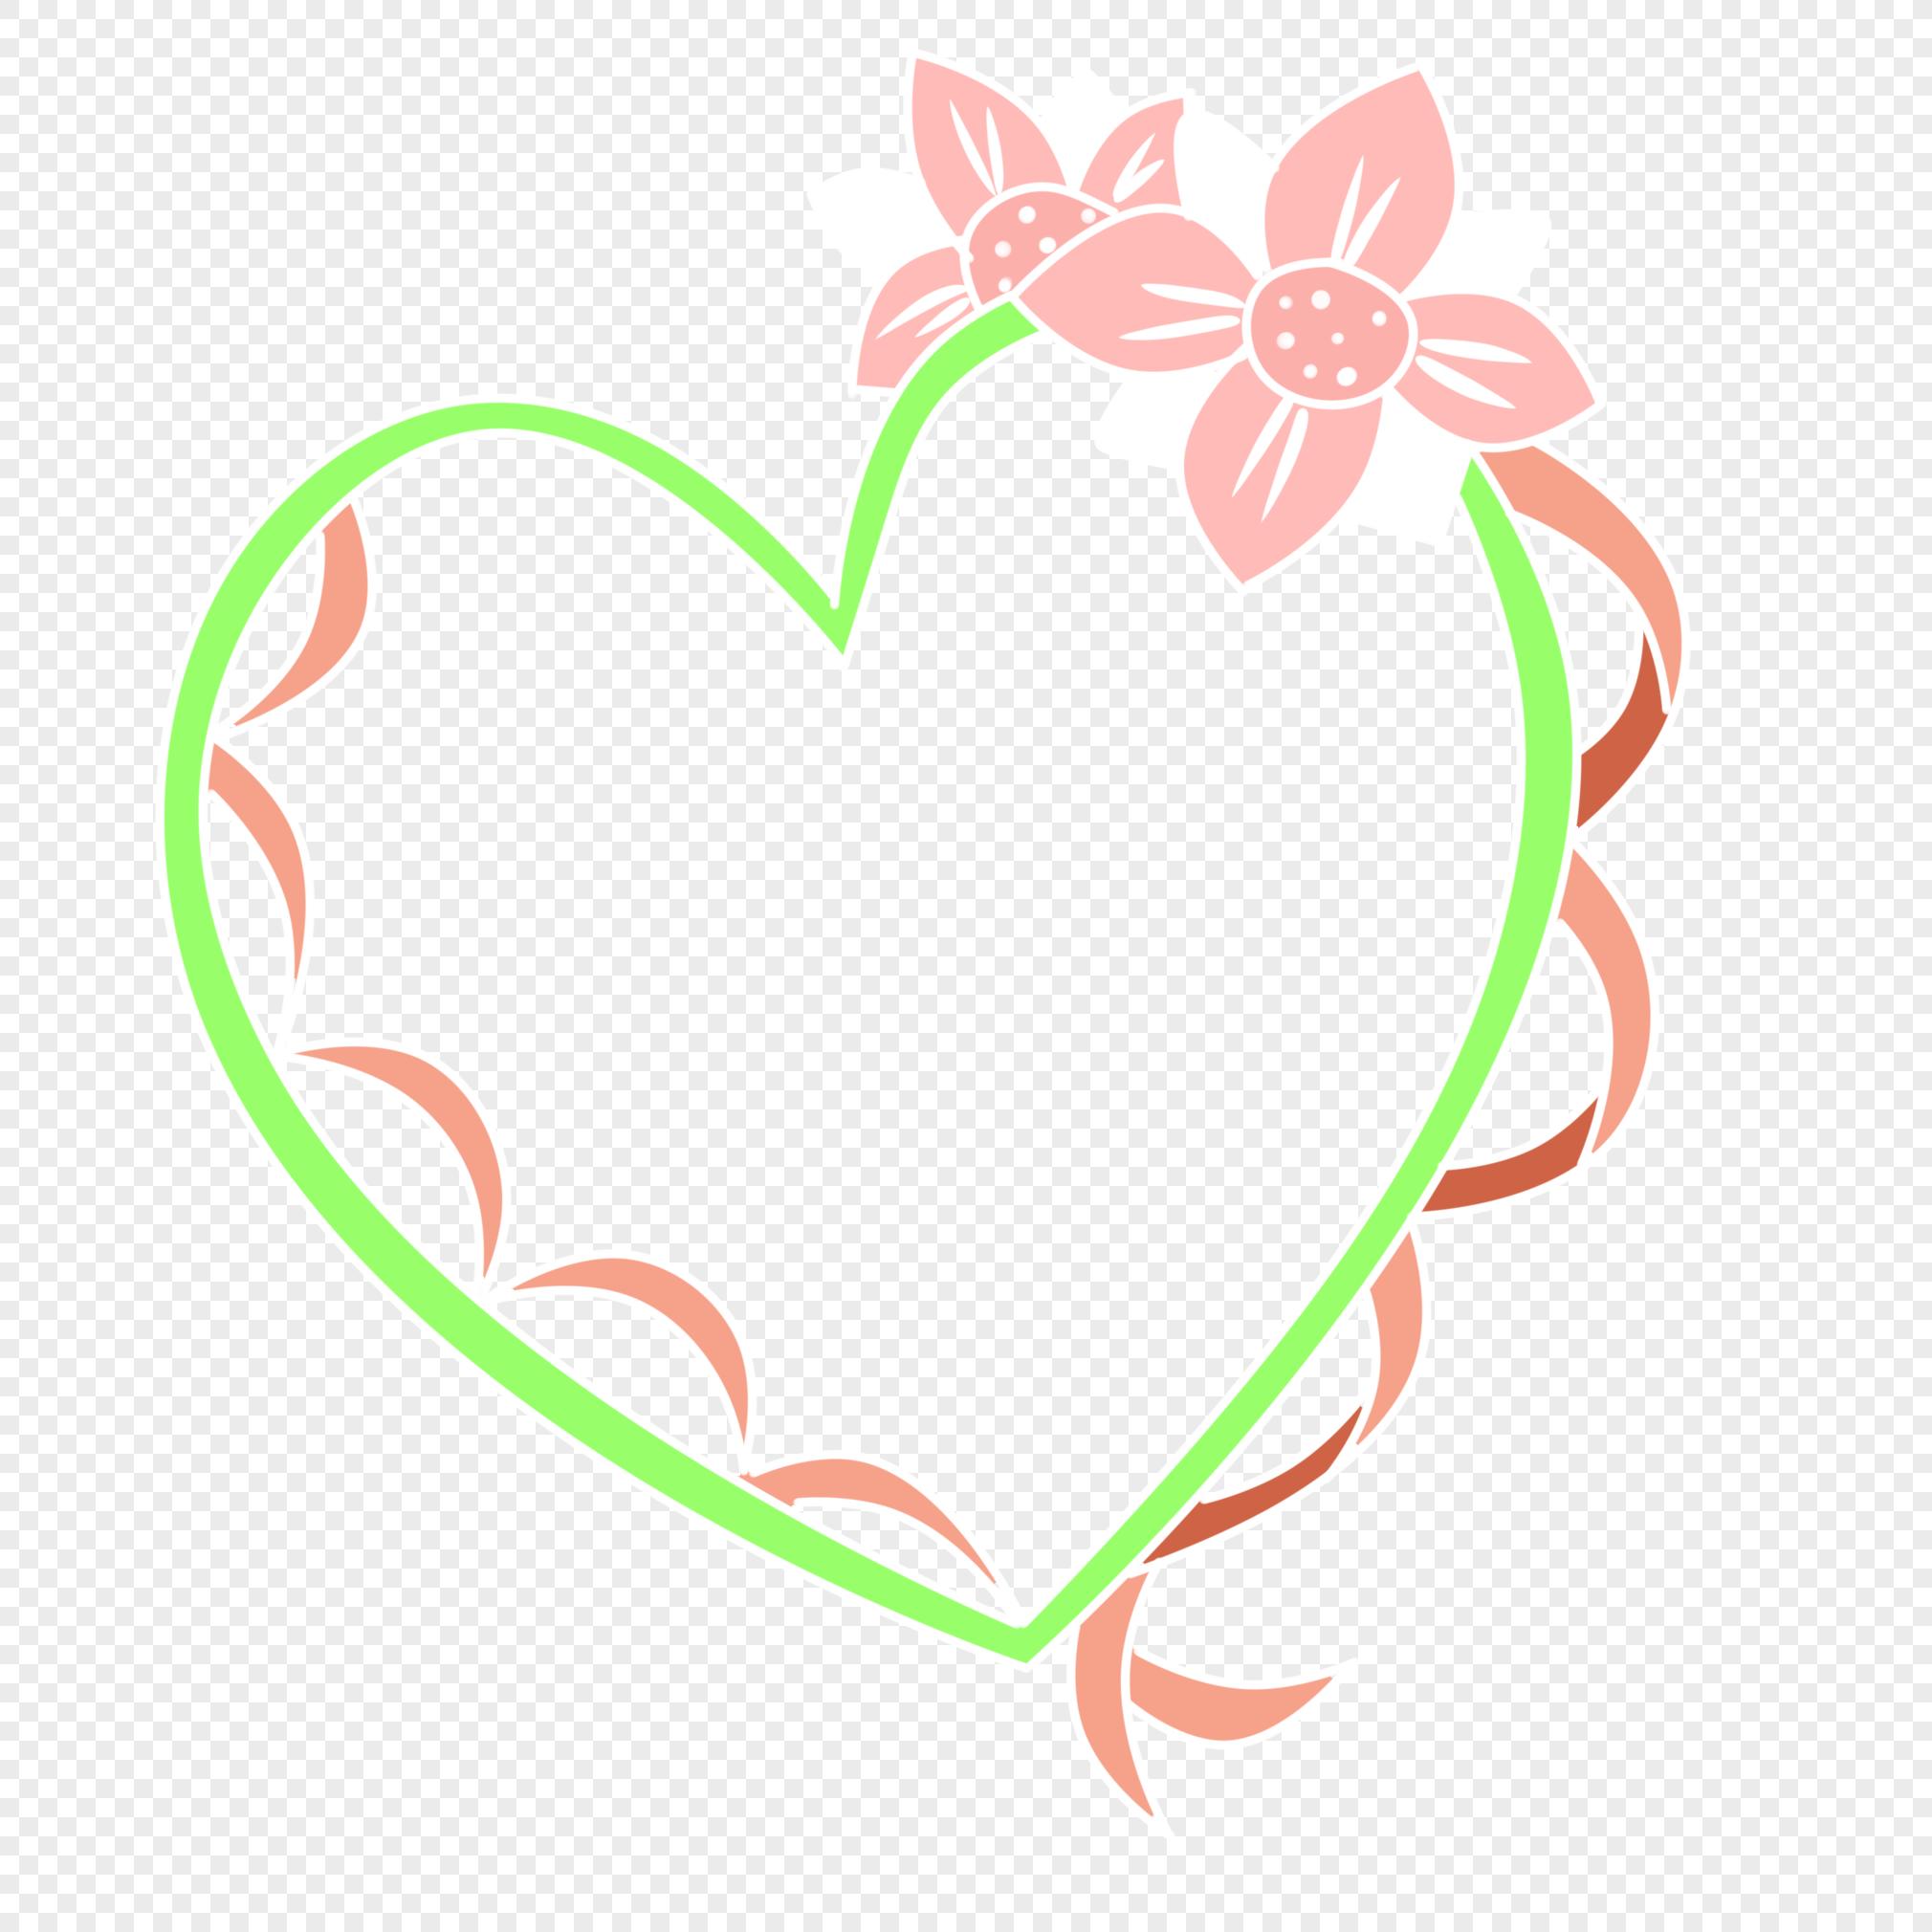 爱心边框元素素材png格式_设计素材免费下载_vrf高清